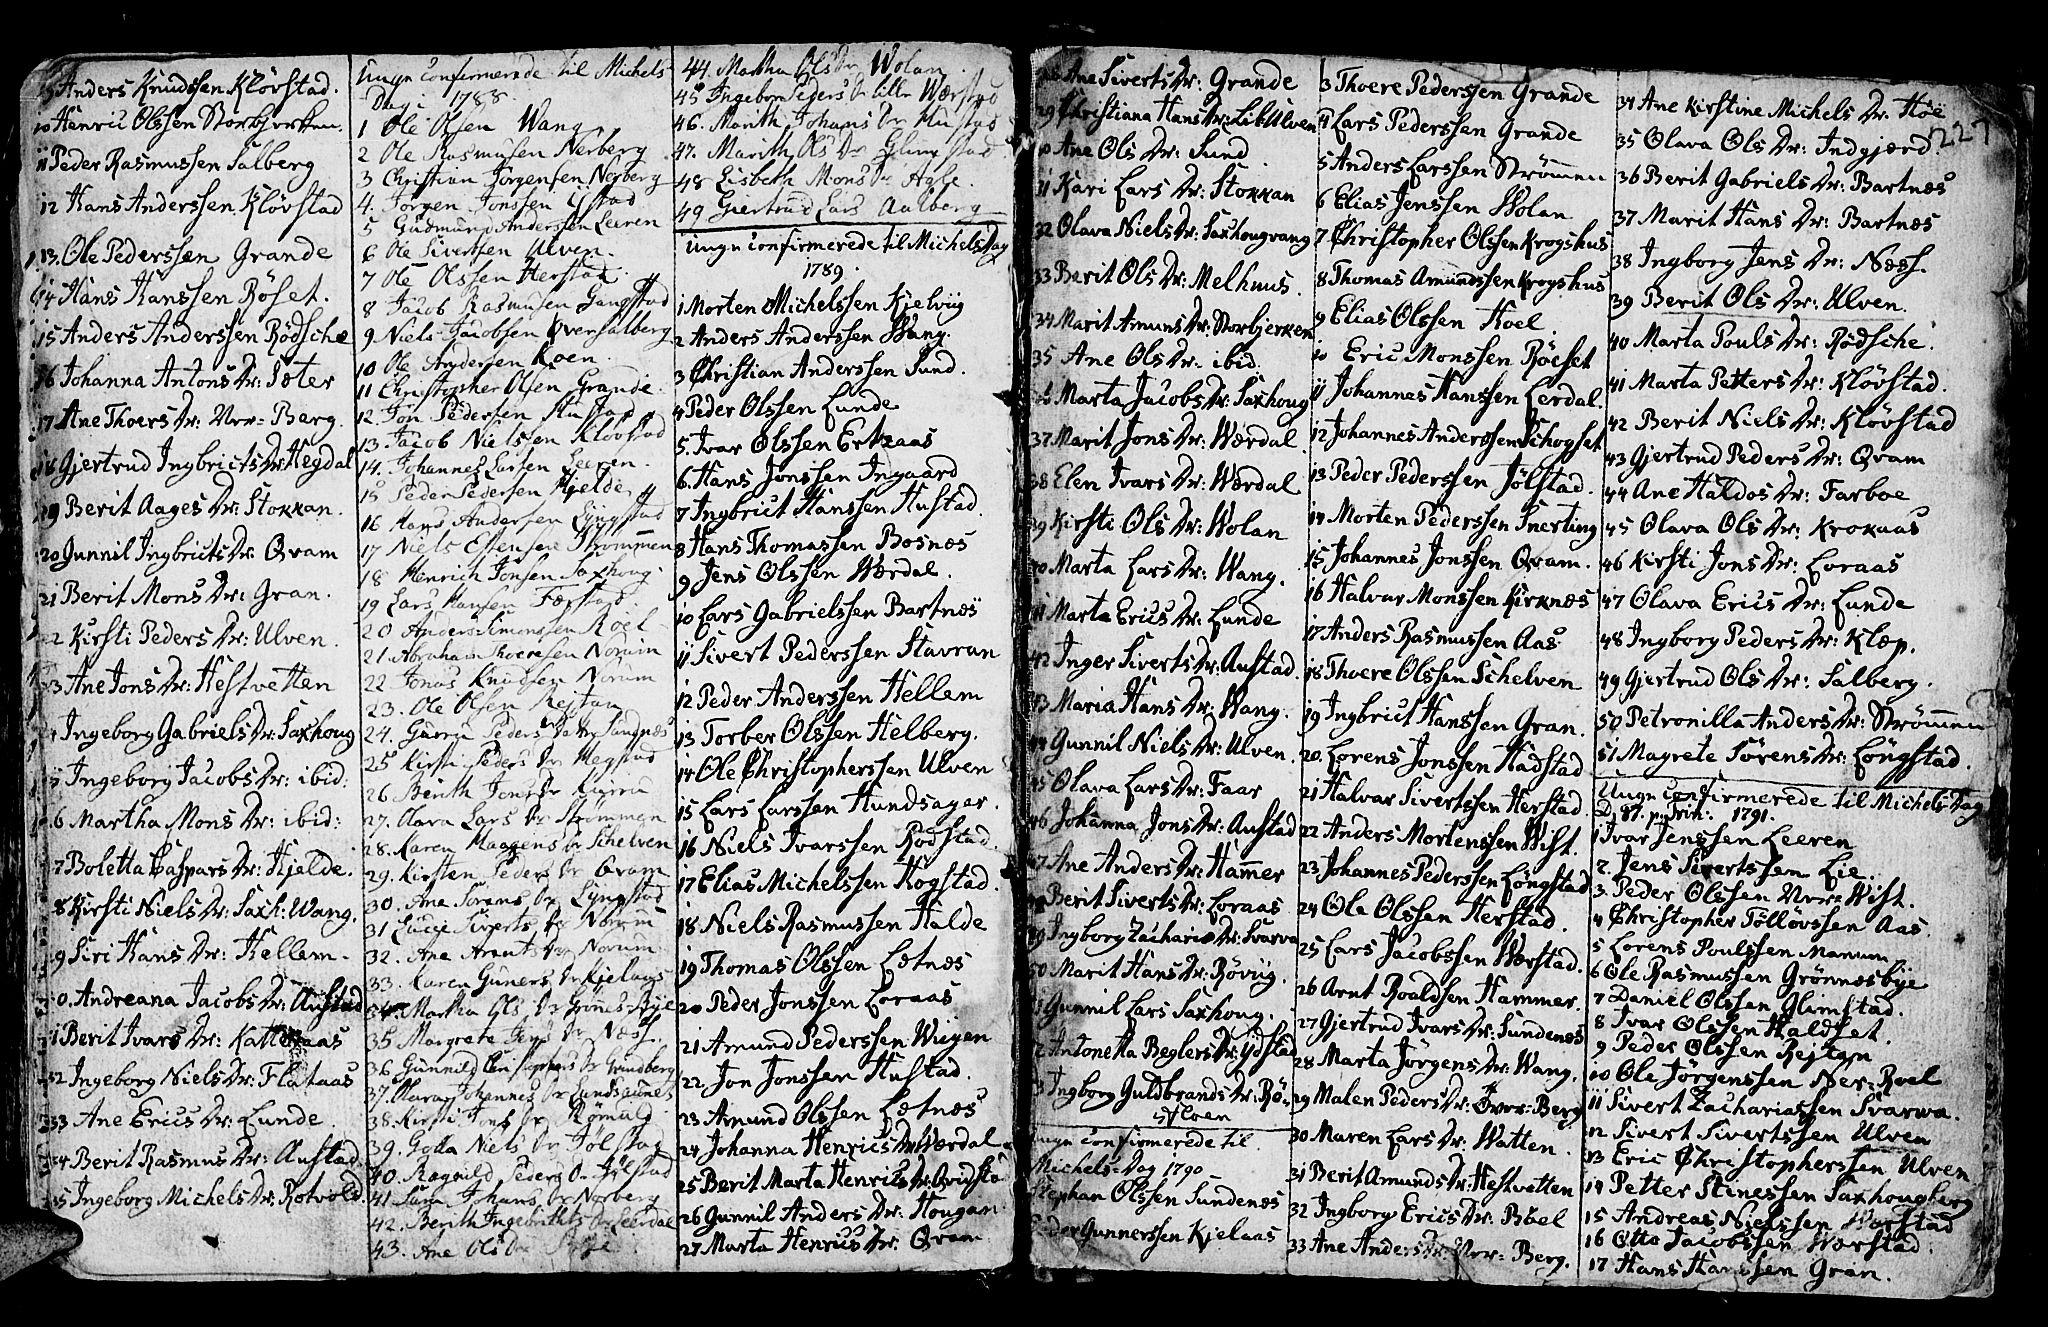 SAT, Ministerialprotokoller, klokkerbøker og fødselsregistre - Nord-Trøndelag, 730/L0273: Ministerialbok nr. 730A02, 1762-1802, s. 227